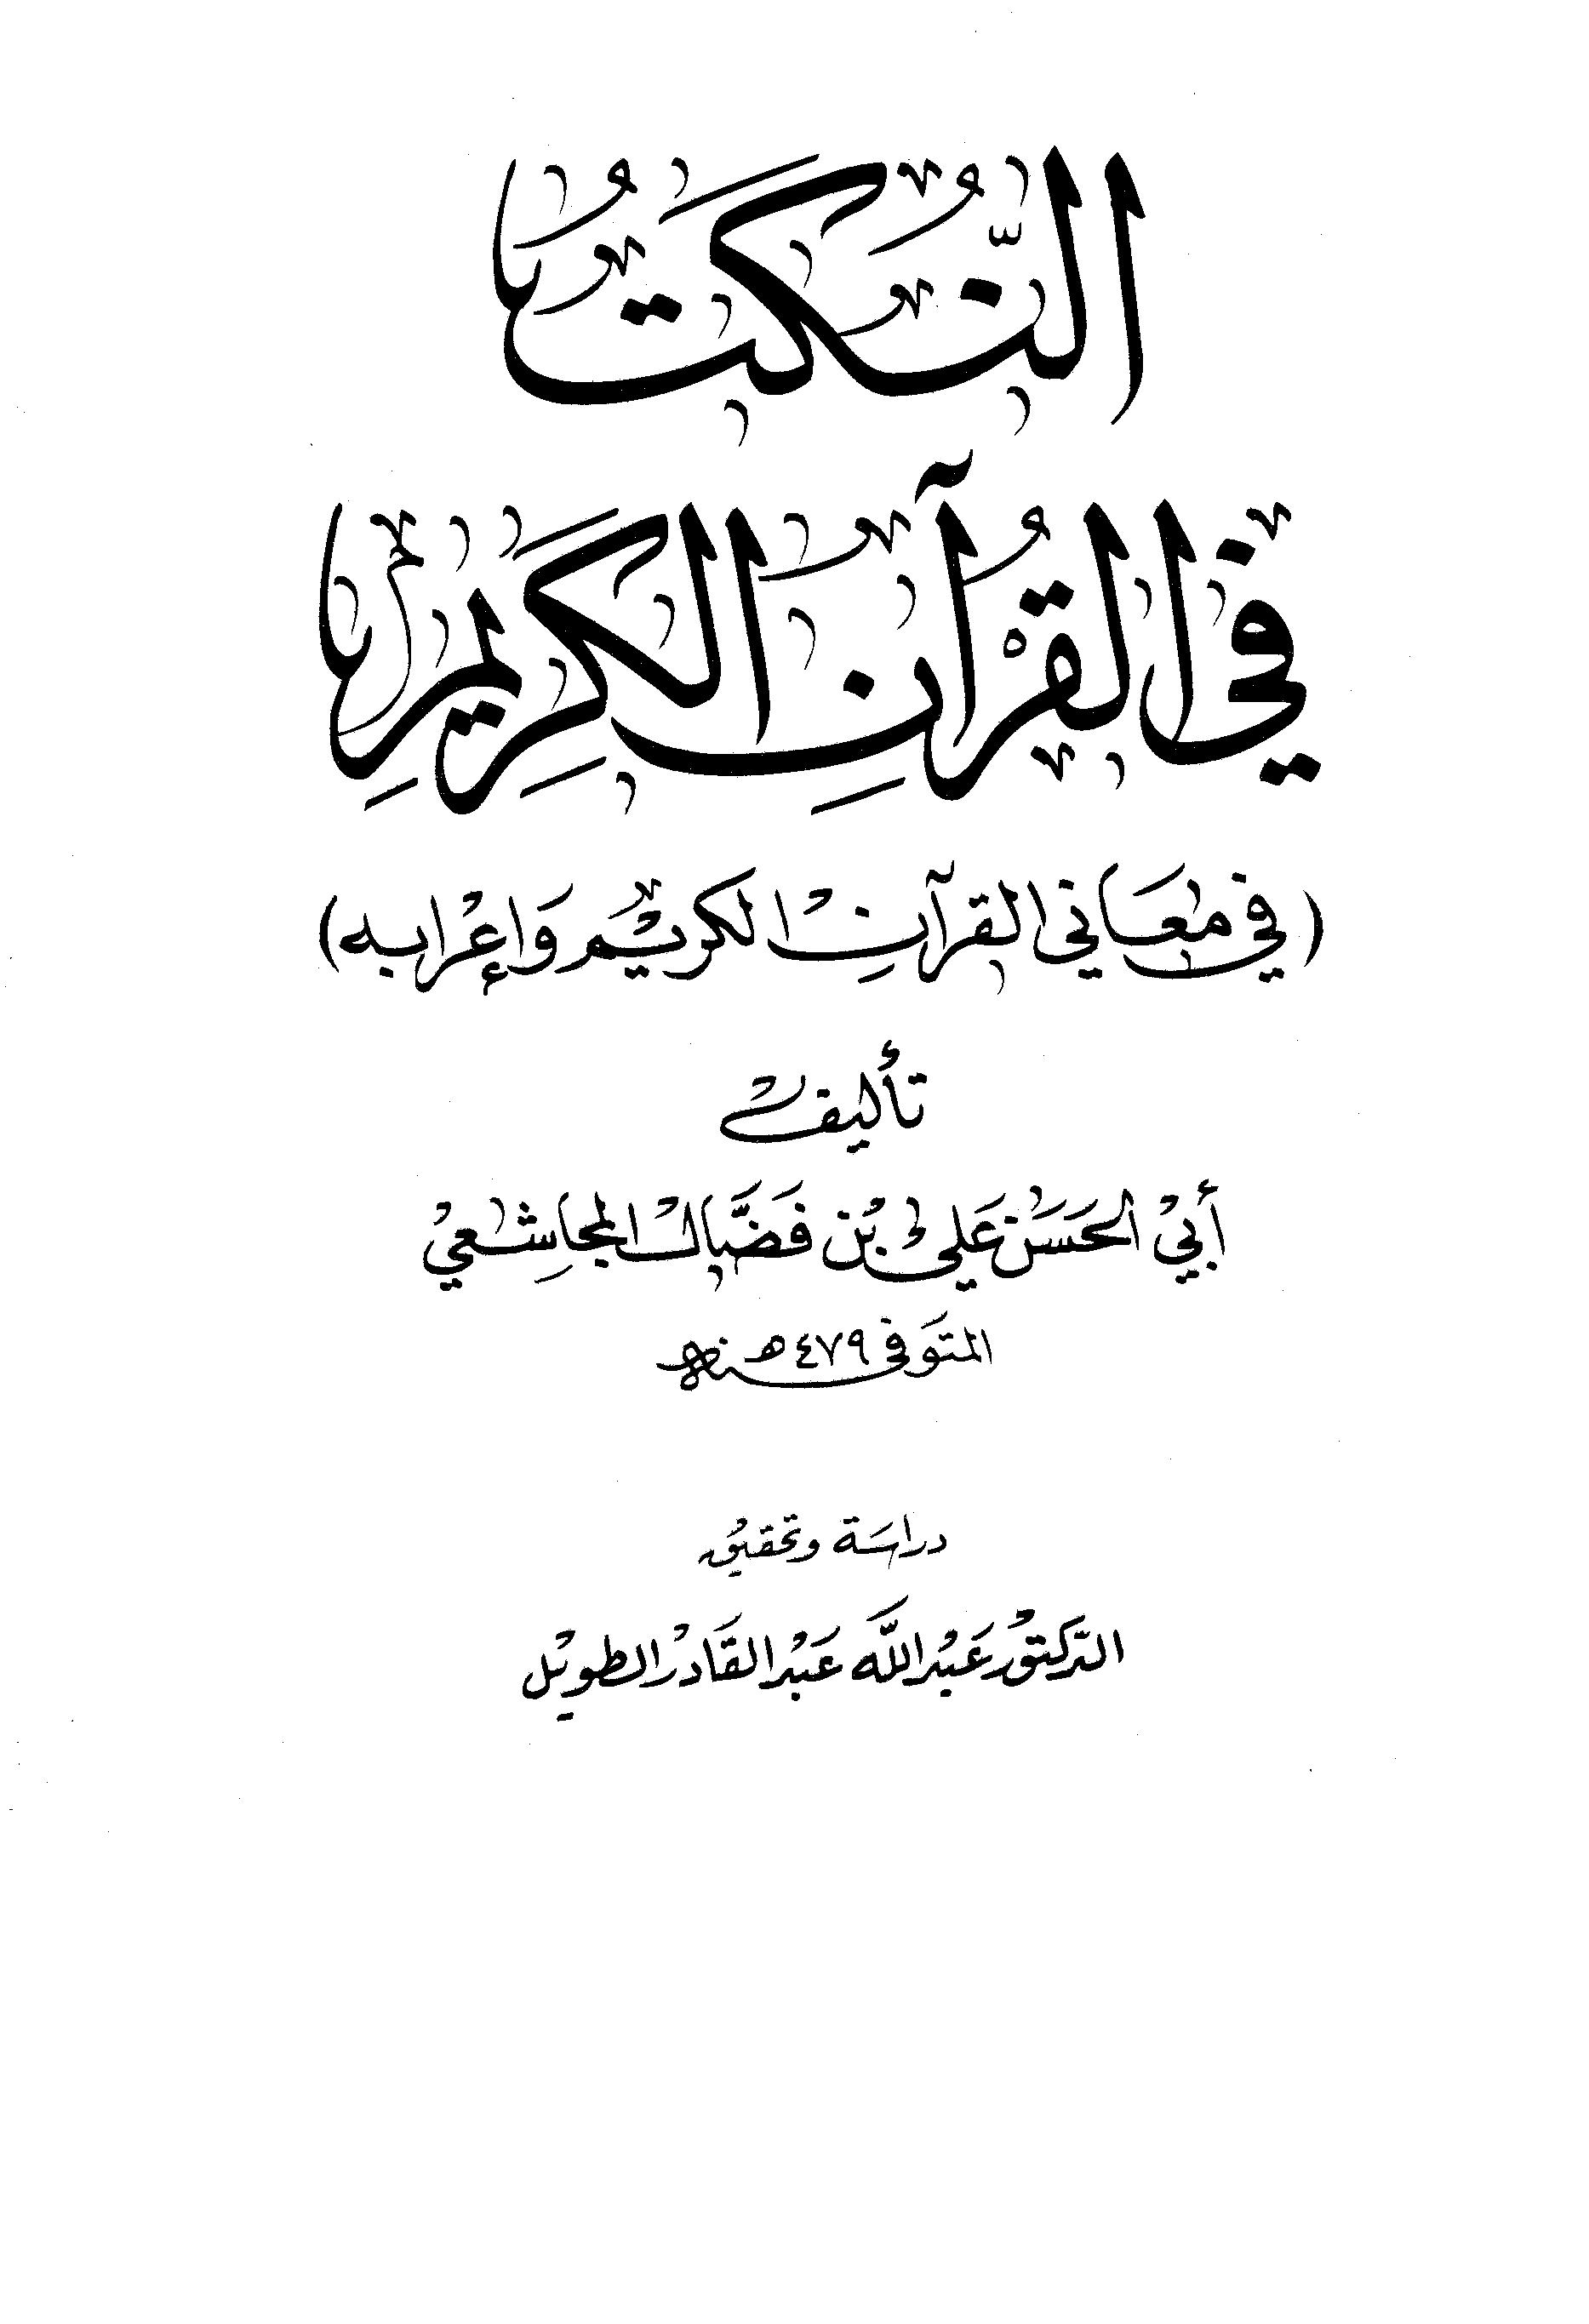 تحميل كتاب النكت في القرآن الكريم (ت. الطويل) لـِ: الإمام أبو الحسن علي بن فضال المجاشعي (ت 479)